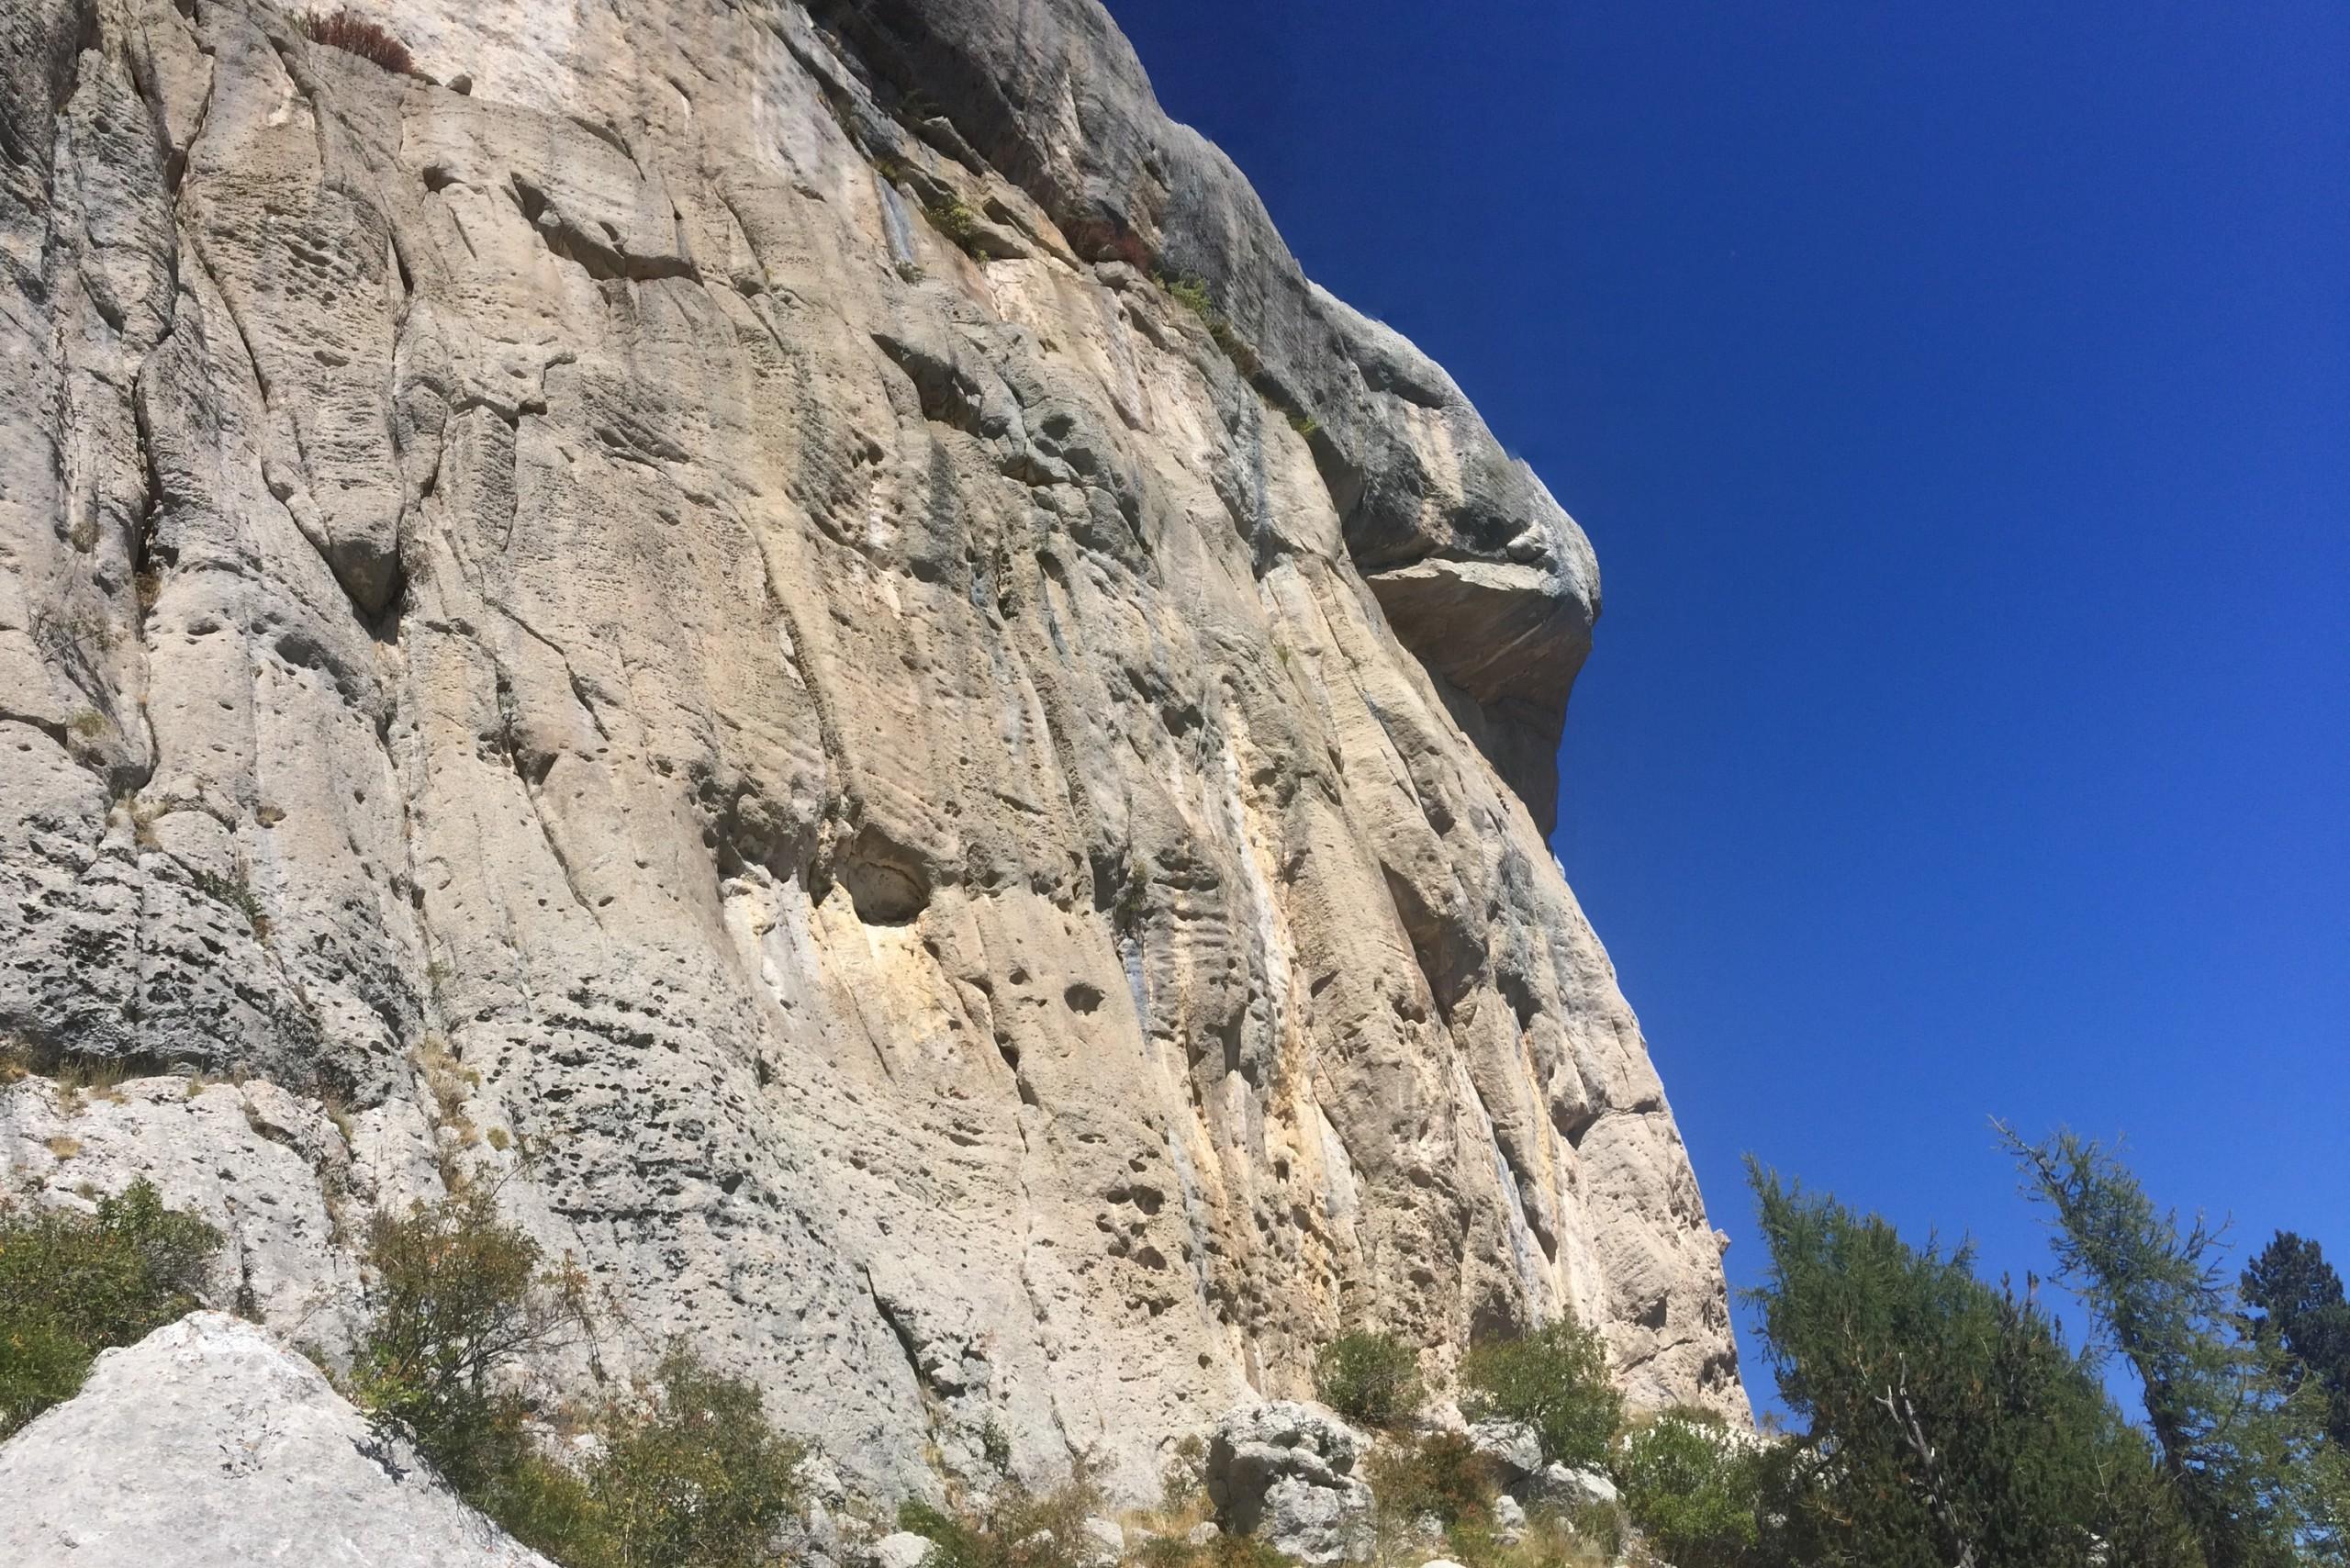 On apercoit en haut à droite de la falaise la traversée de Natilik sur la falaise de Céüse.